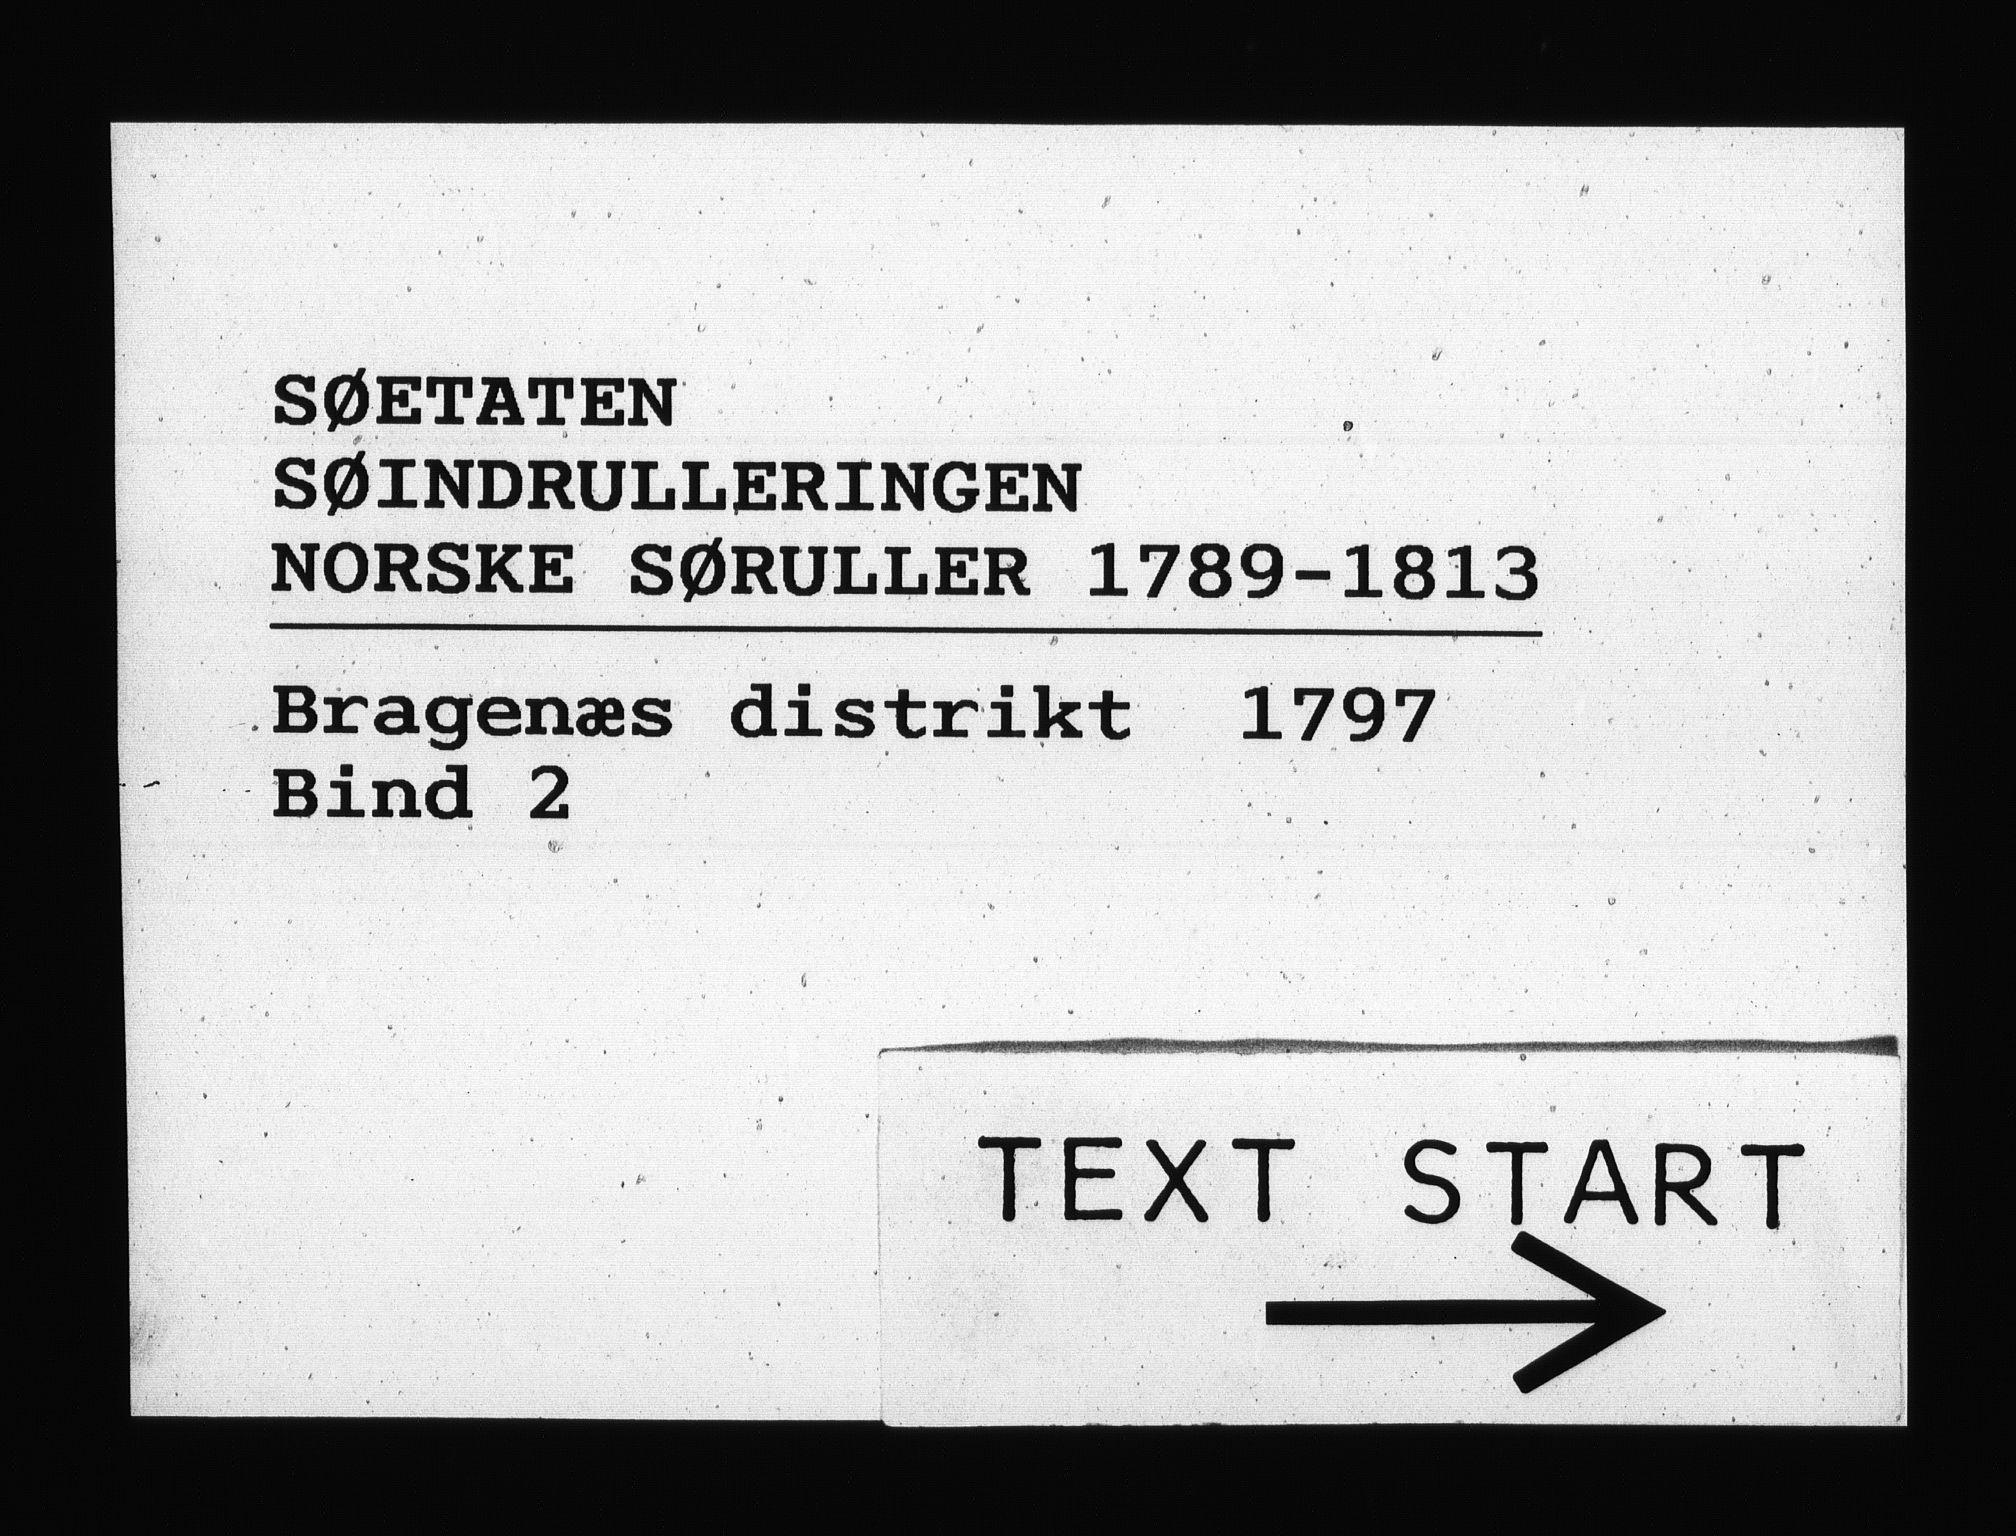 RA, Sjøetaten, F/L0121: Bragernes distrikt, bind 2, 1797